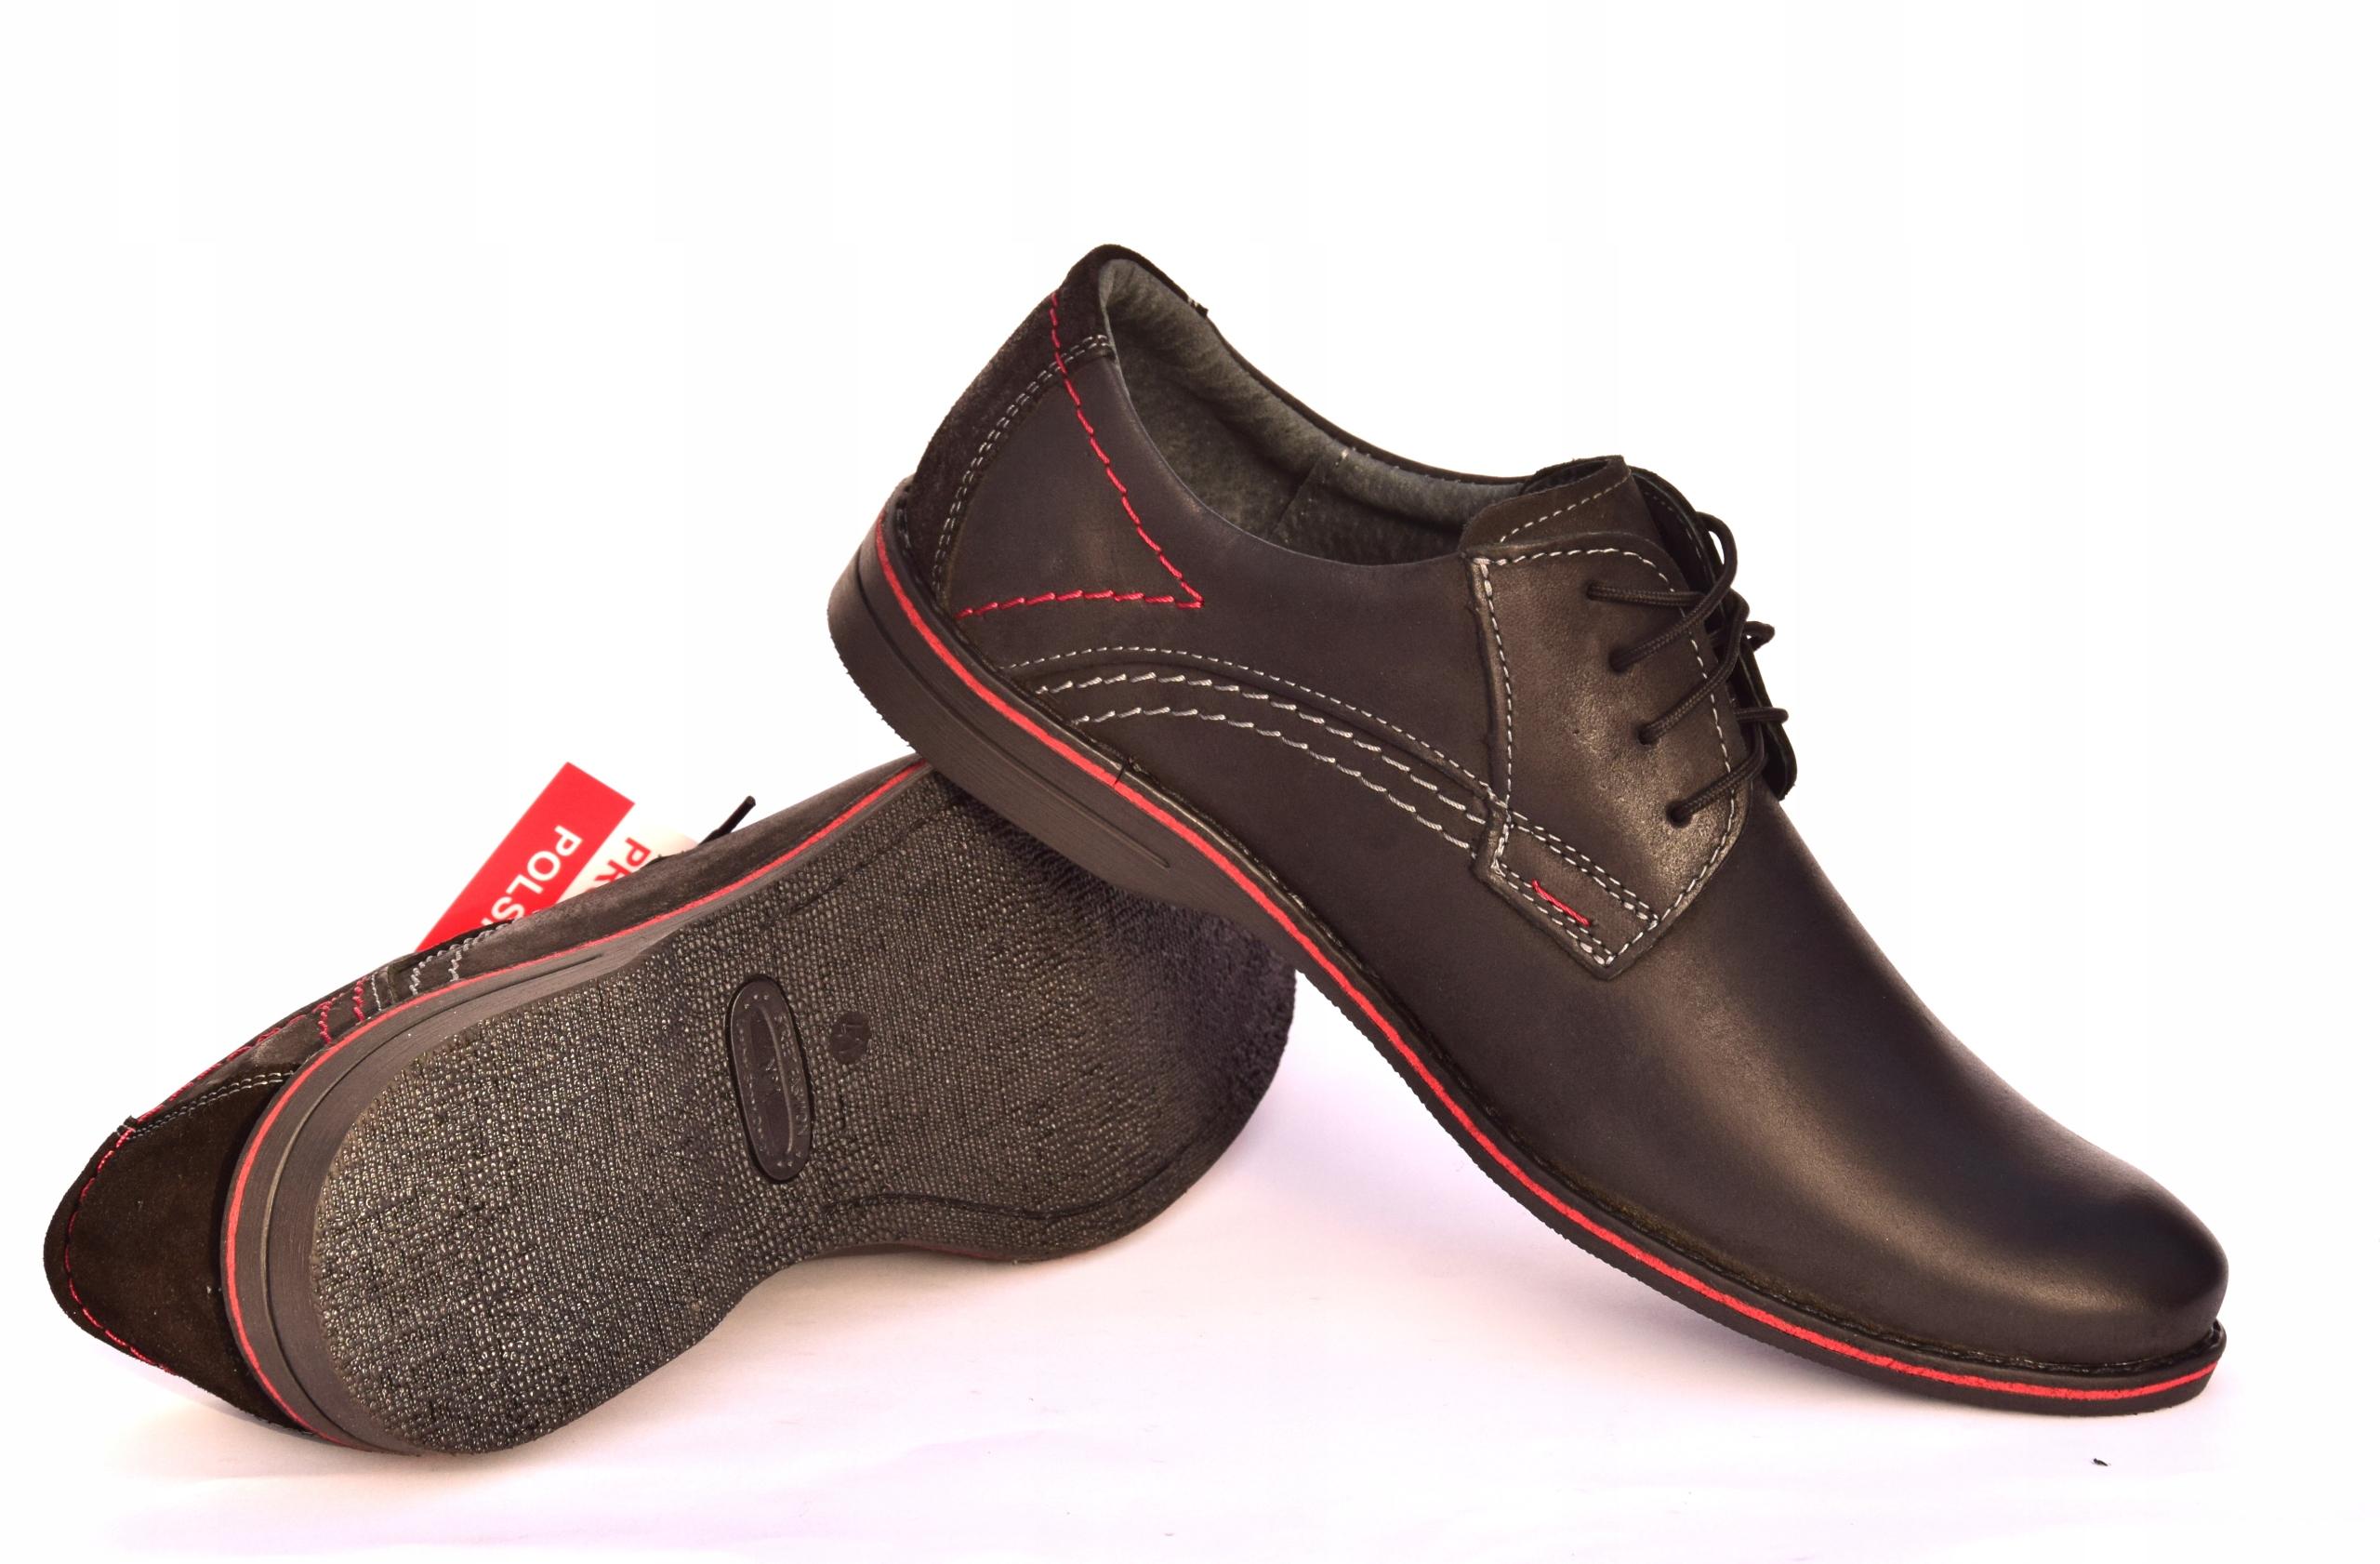 Buty męskie casual obuwie skórzane polskie 242 Materiał zewnętrzny skóra naturalna